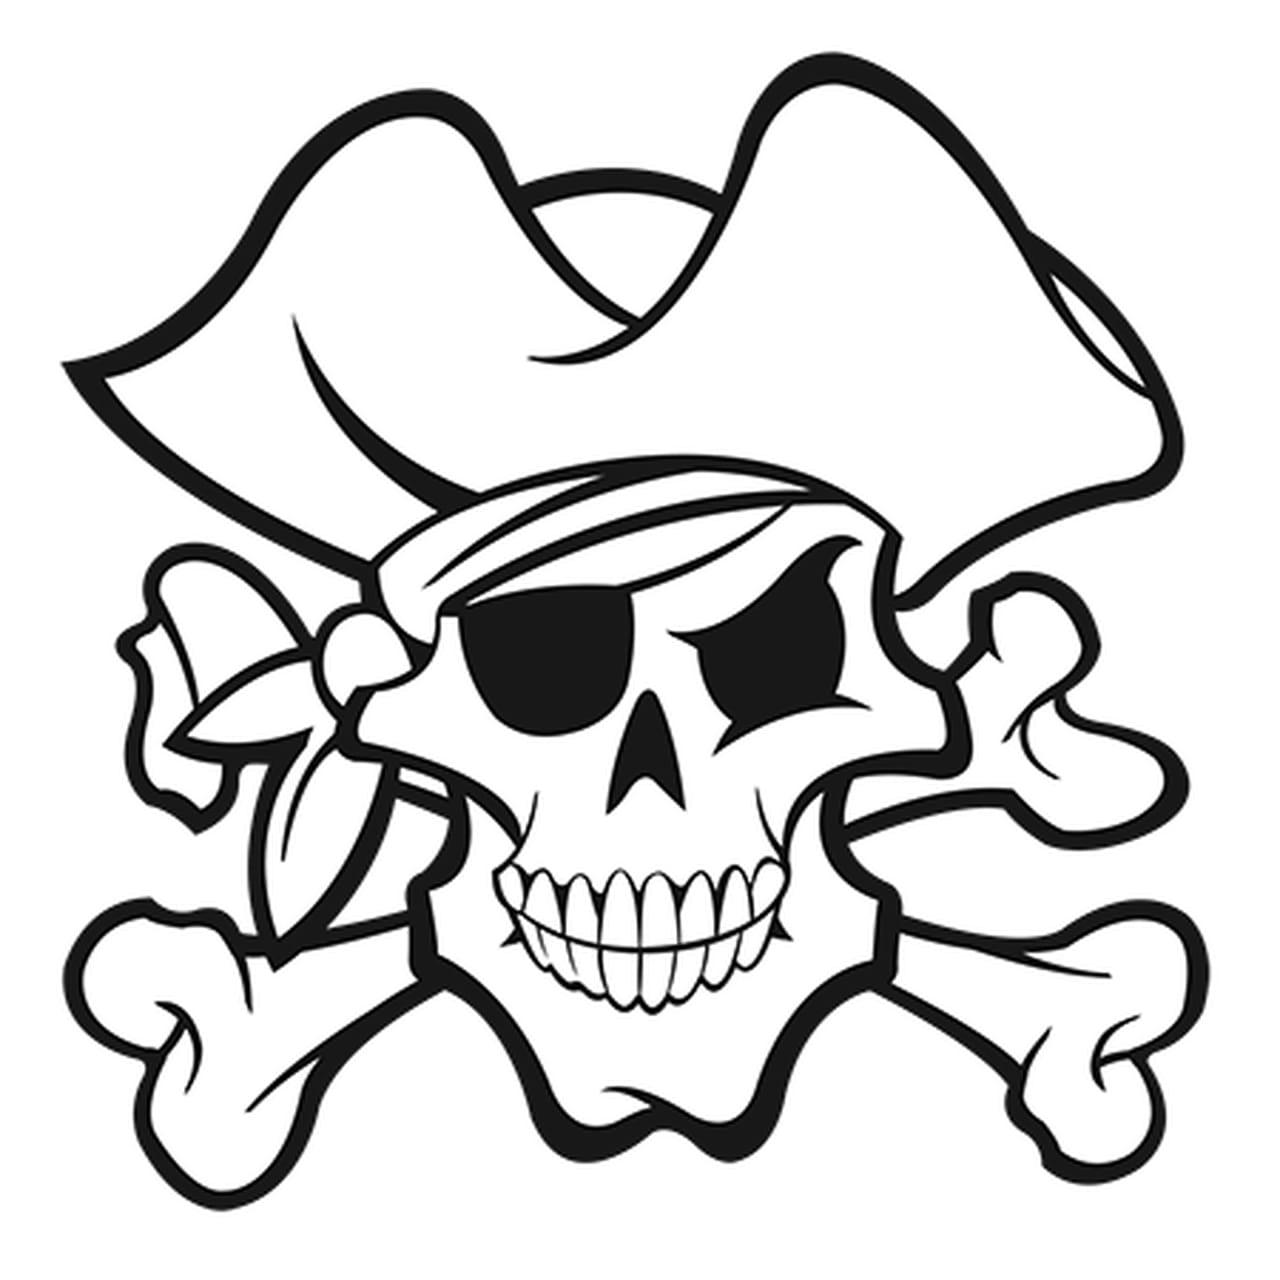 Coloriage Tête De Mort Pirate En Ligne Gratuit à Imprimer